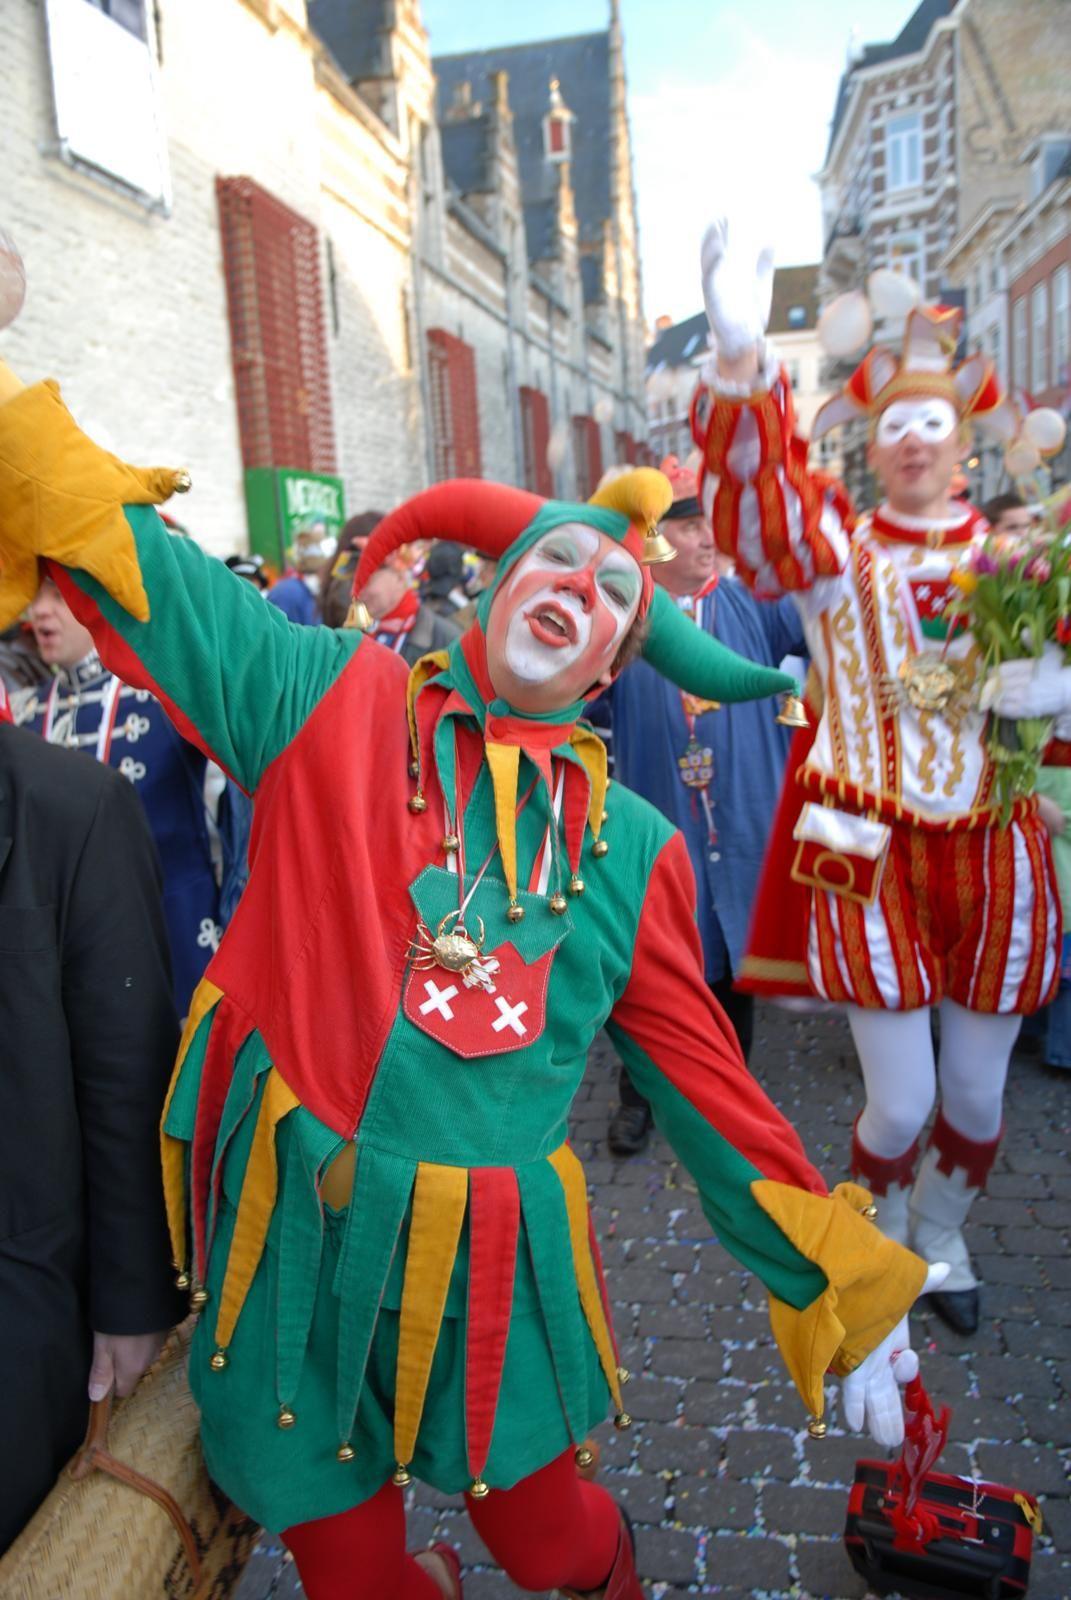 Nar Vastenavend Bergen Op Zoom Onze Vriend Eric Bergen Carnaval Holland